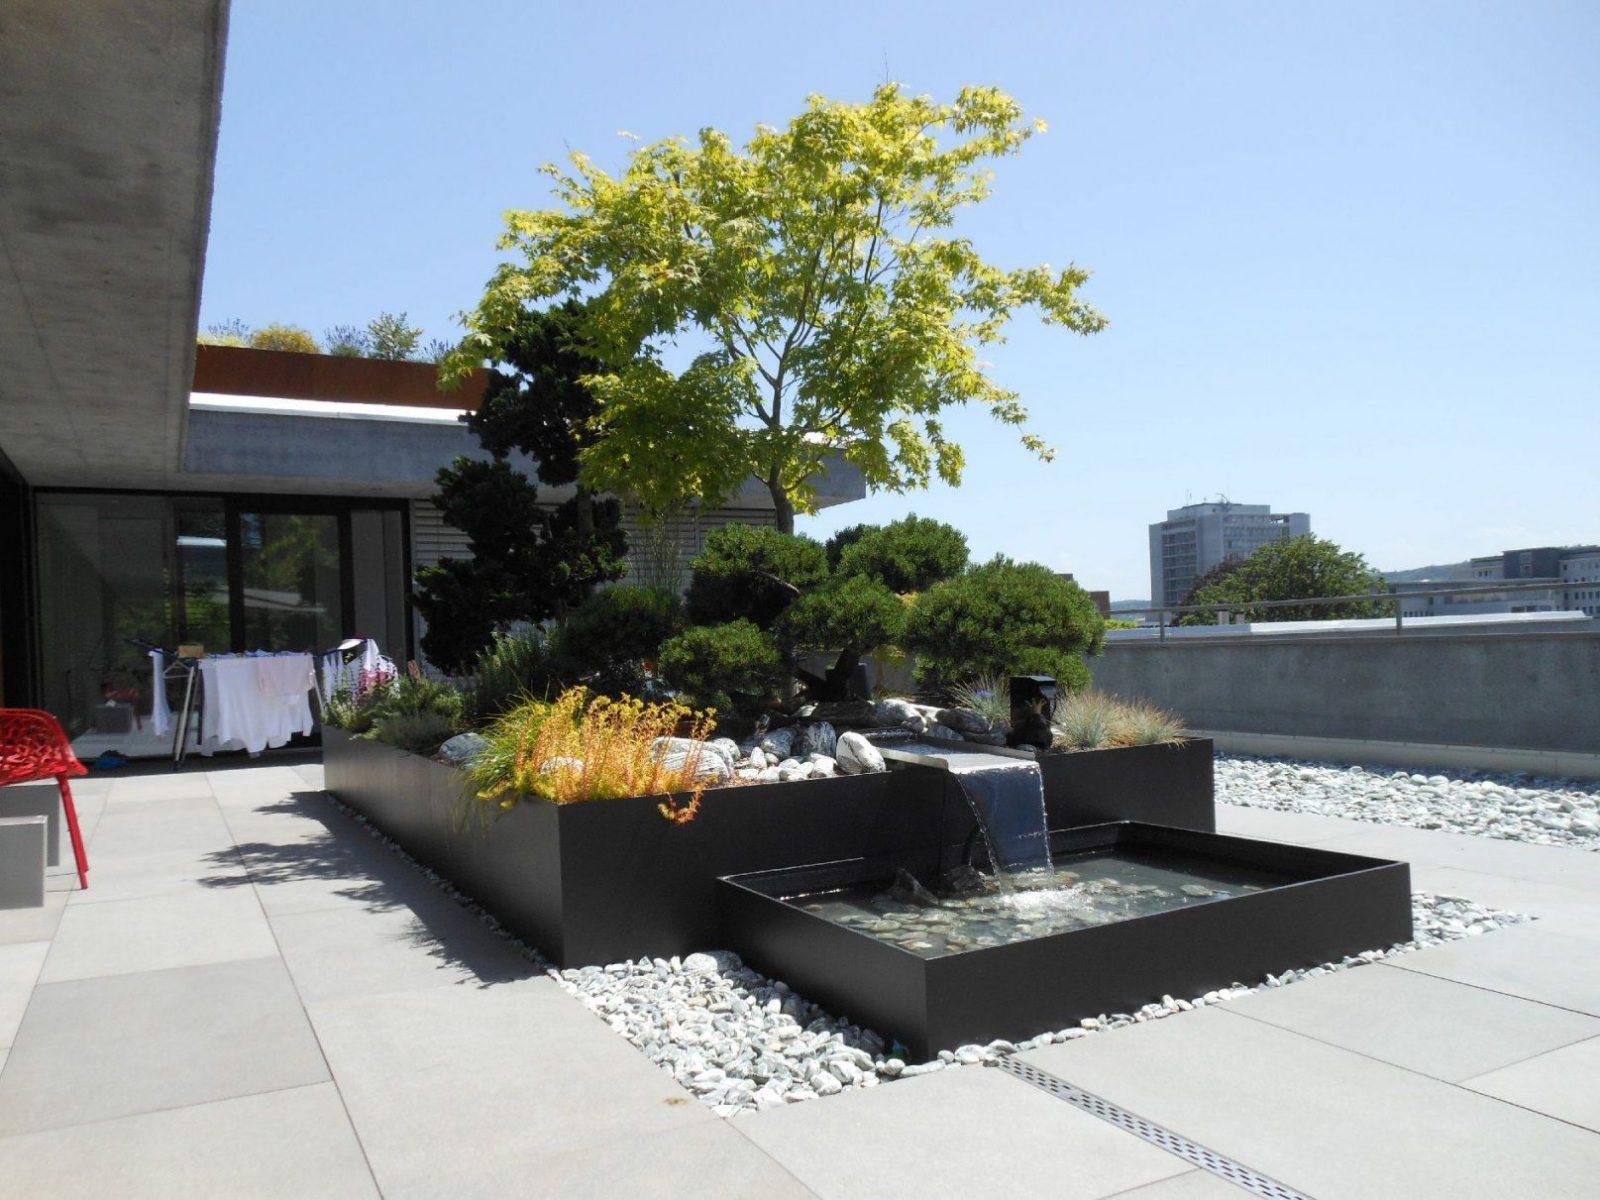 Individuelle Wasserspiele Für Terrassen Balkone Und Gärten  Bacher von Moderne Wasserspiele Für Den Garten Photo